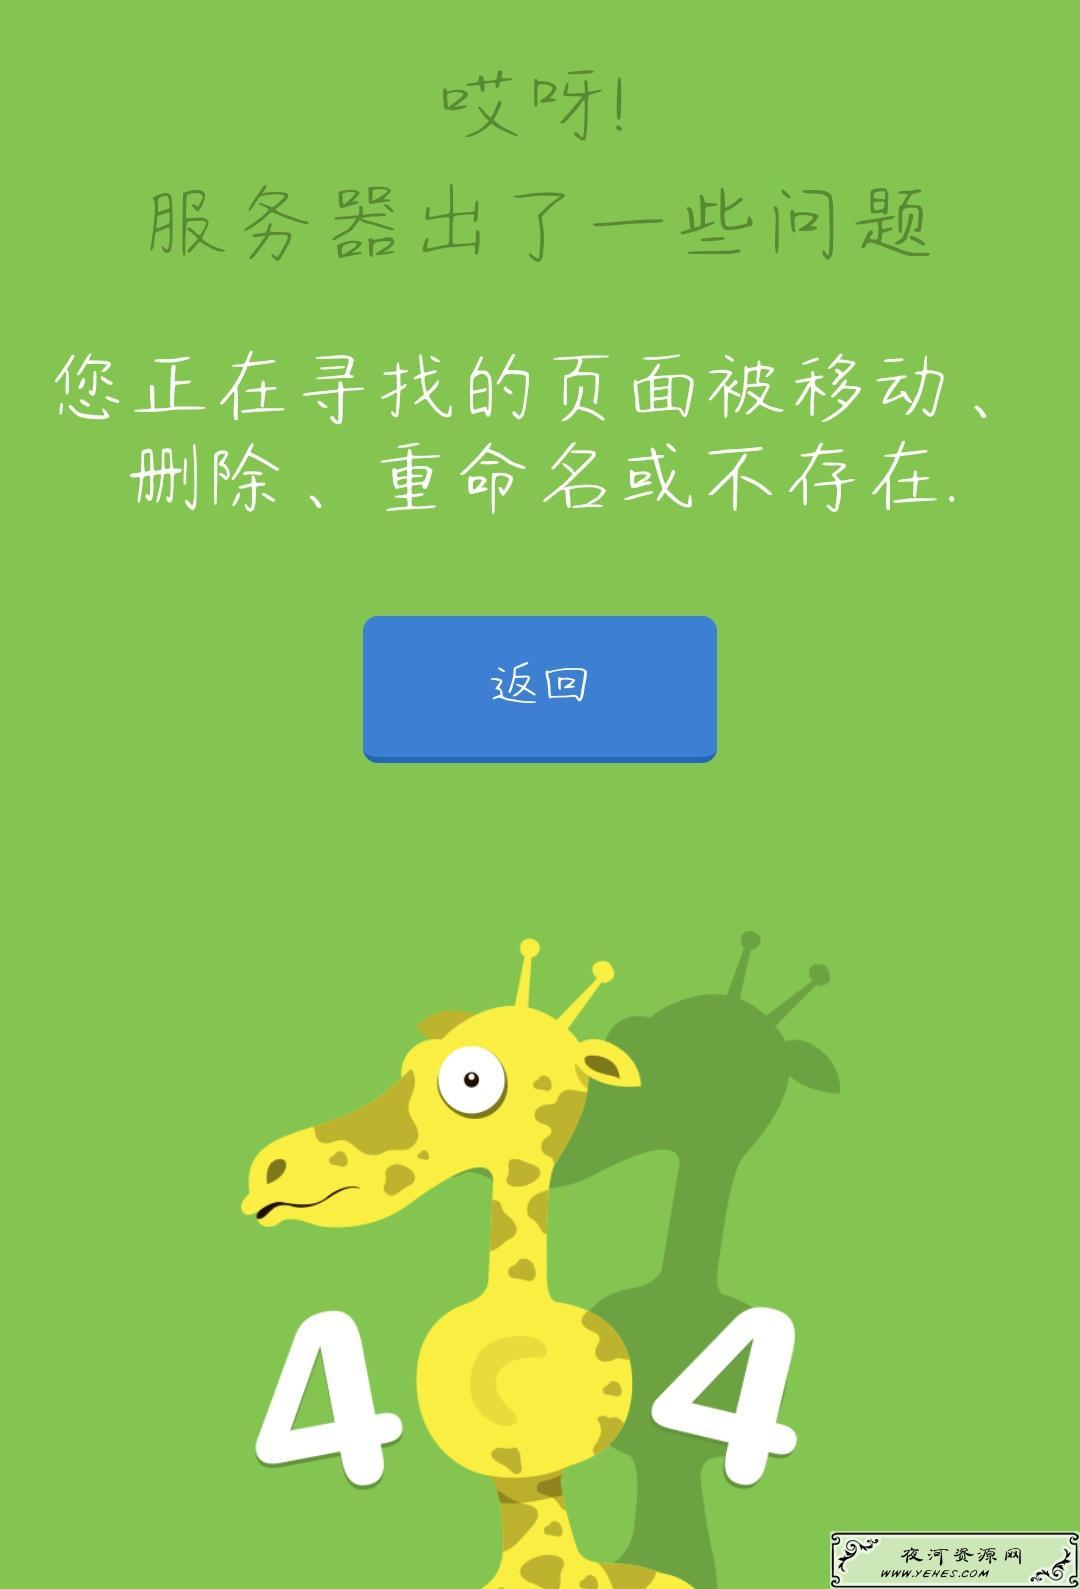 十分漂亮的小鹿动态404单页源码